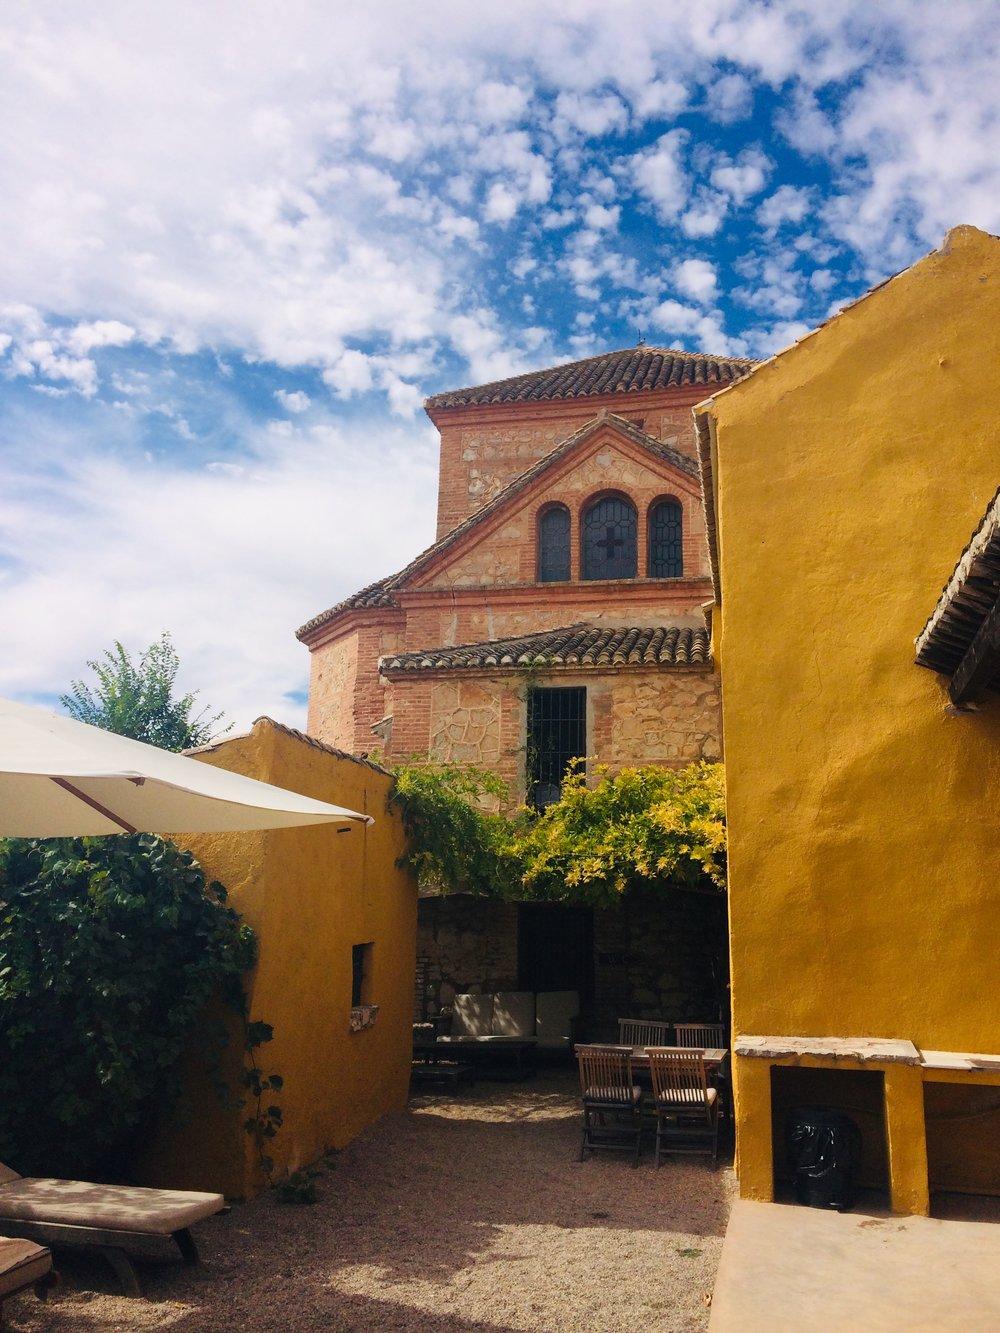 Cortijo_del_Marqués_chapel.jpeg